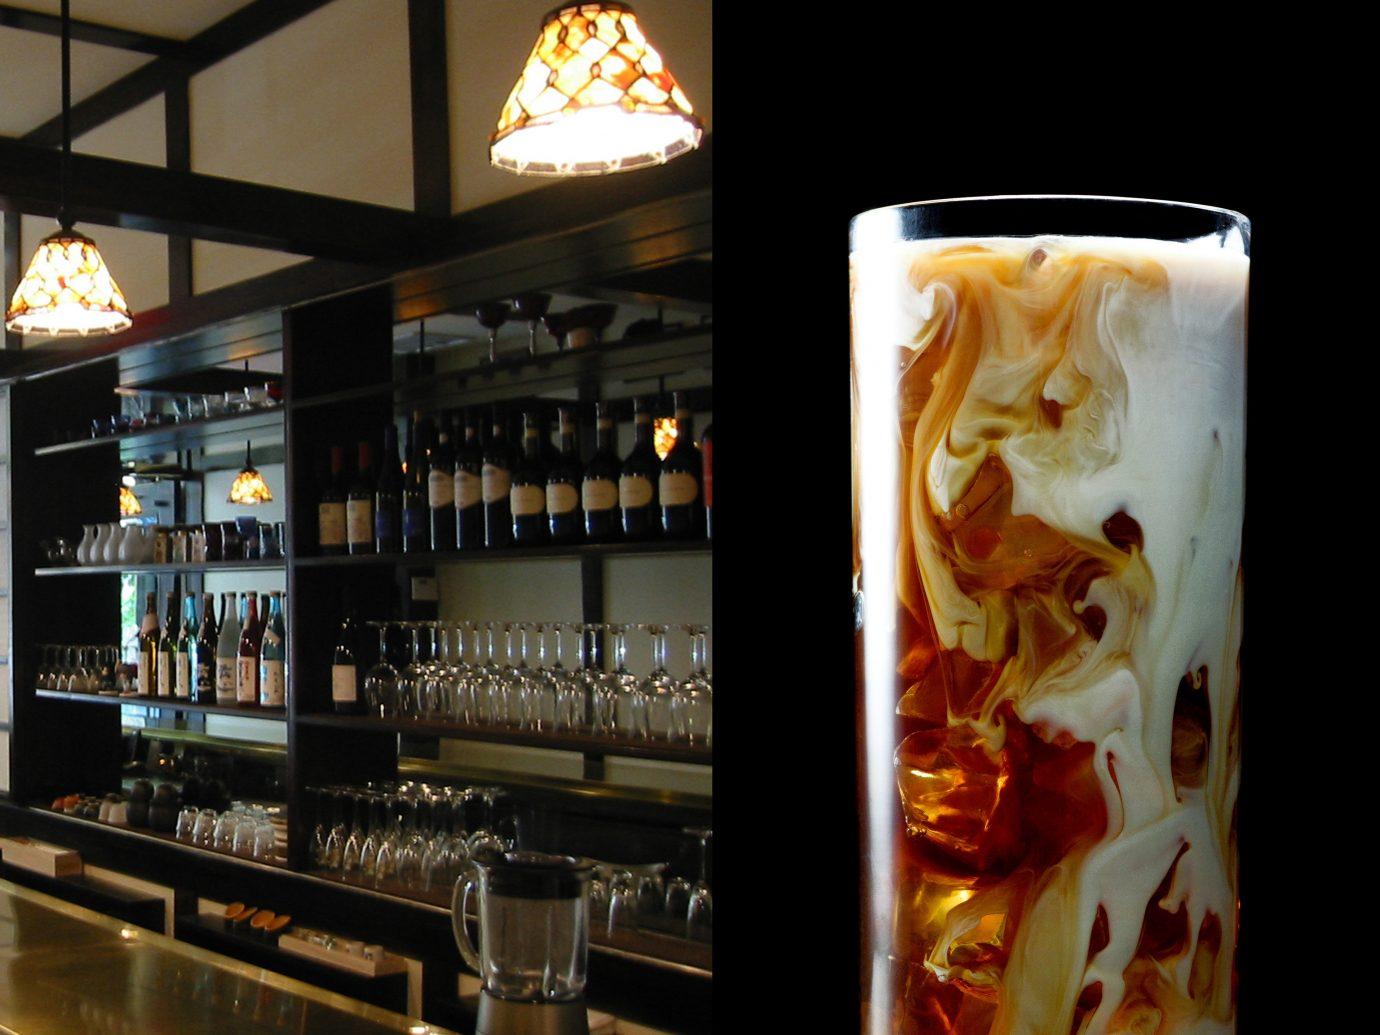 Food + Drink indoor Drink Bar distilled beverage brand beer